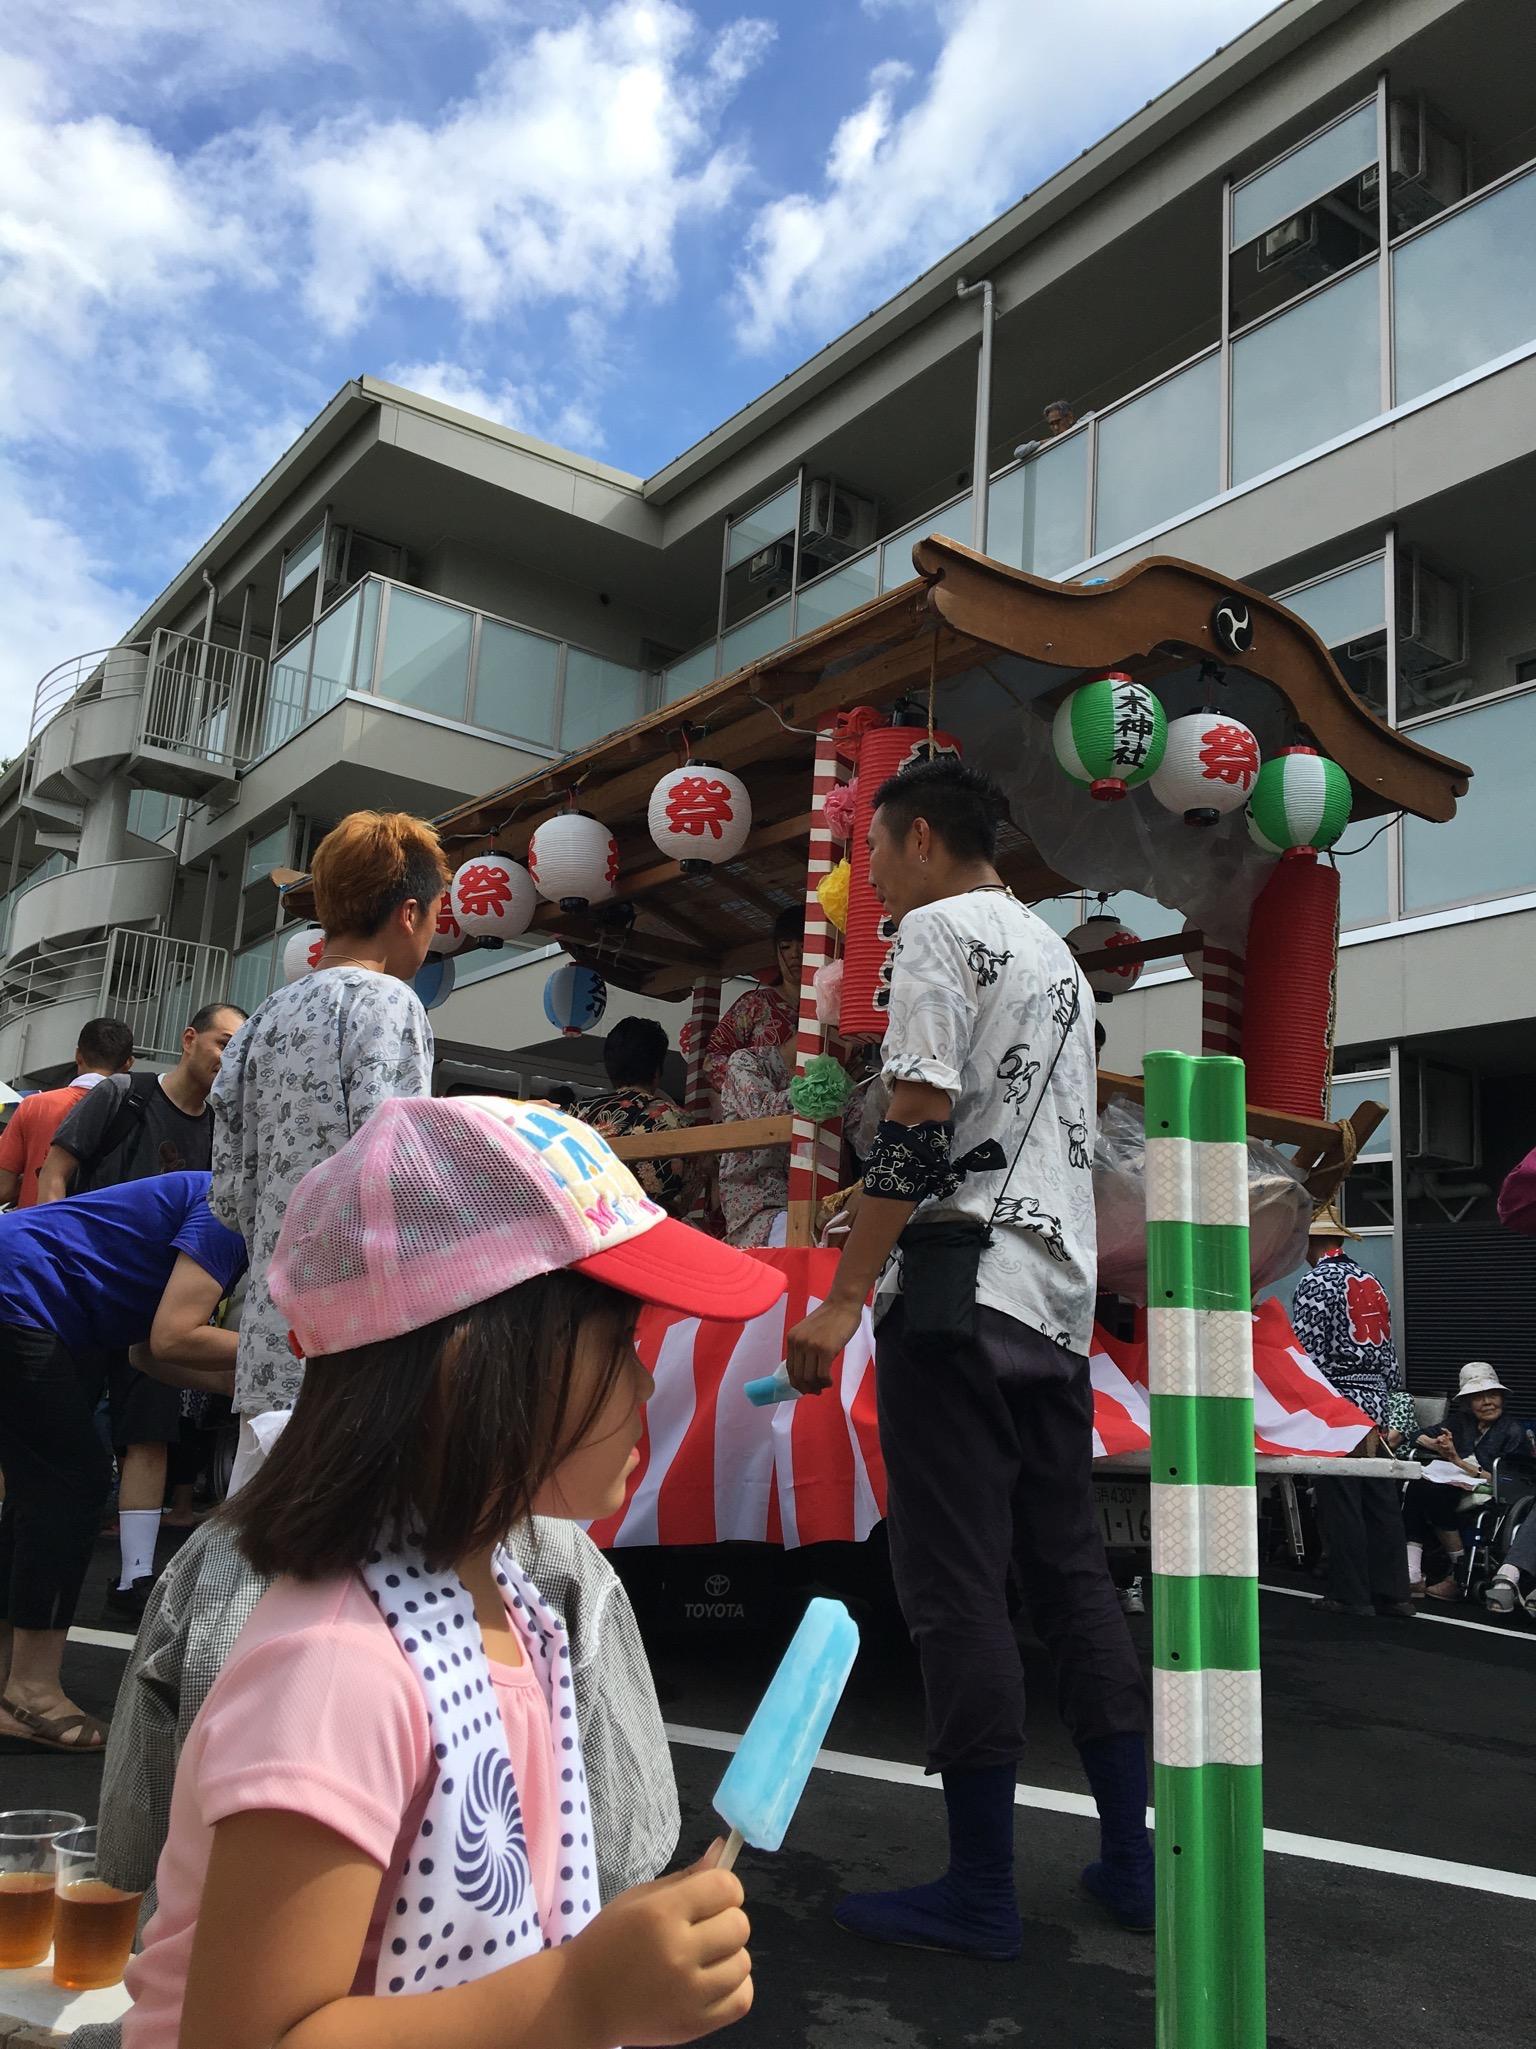 久木神社の夏祭り〜「駕籠に乗る人、担ぐ人、そのまた草鞋を作る人」